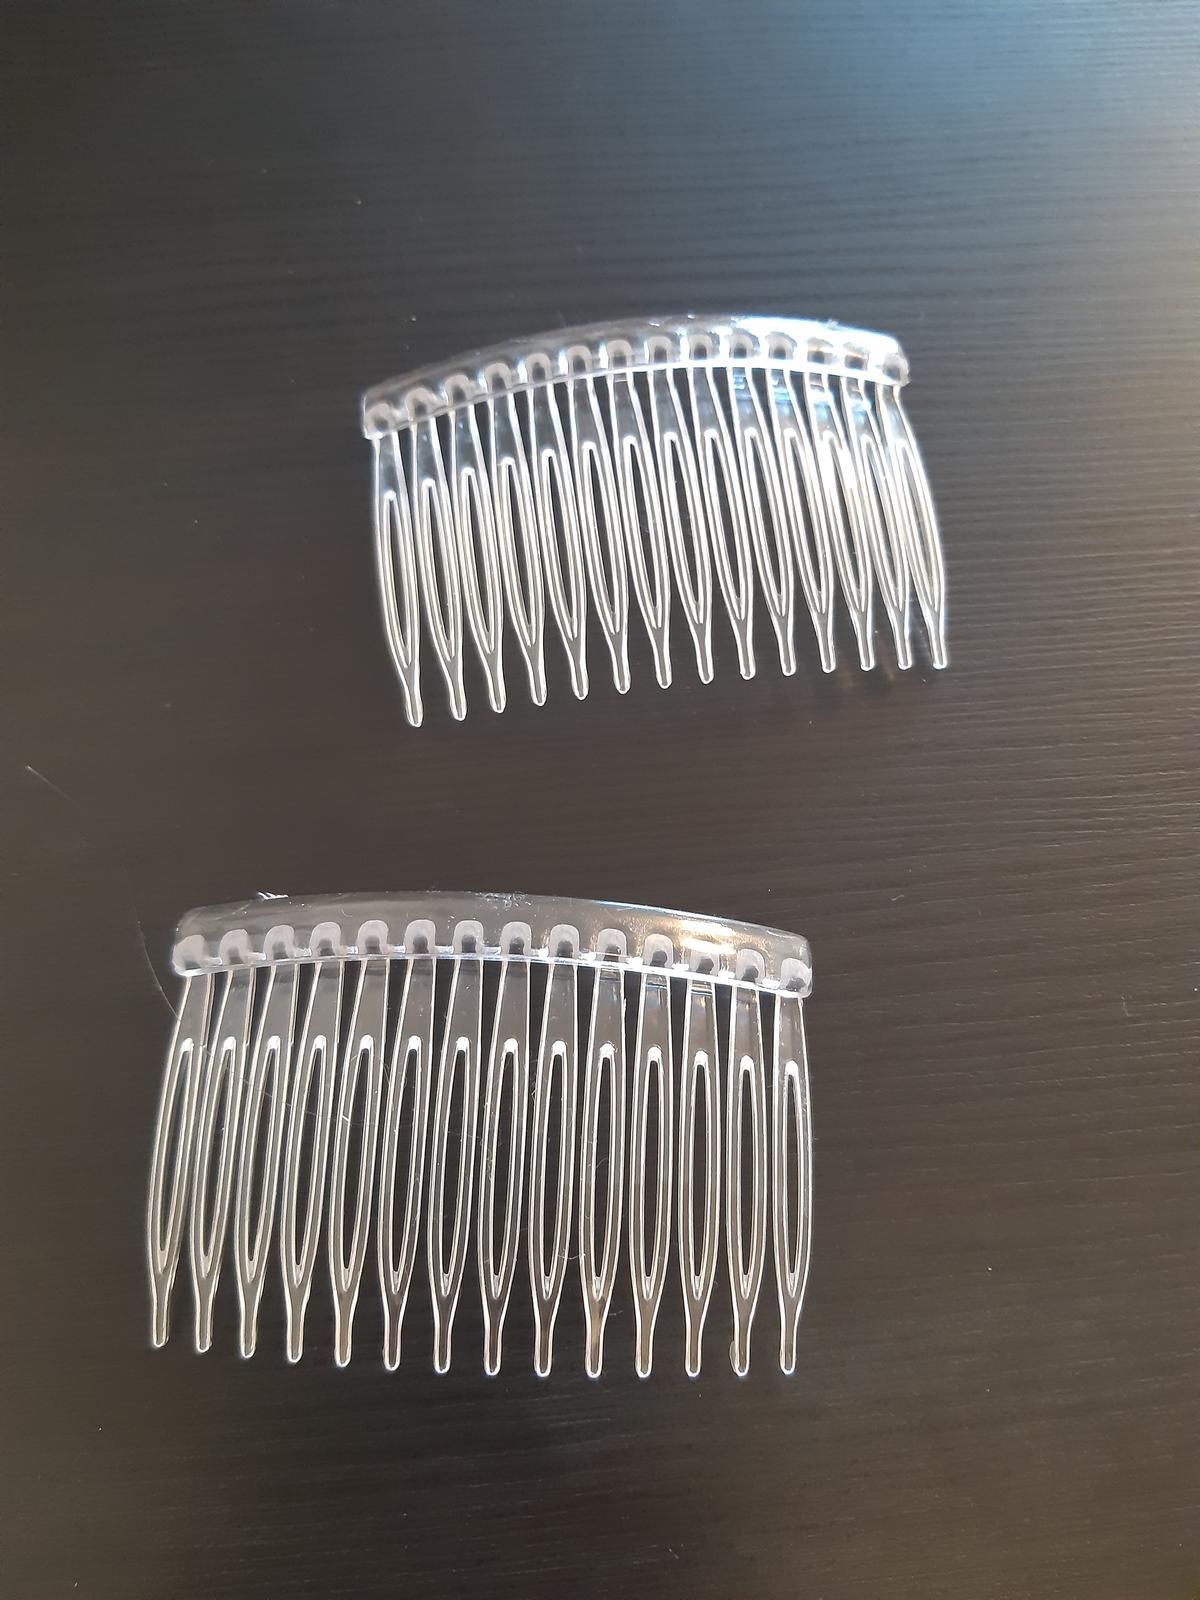 Hřebínky do vlasů - Obrázek č. 1